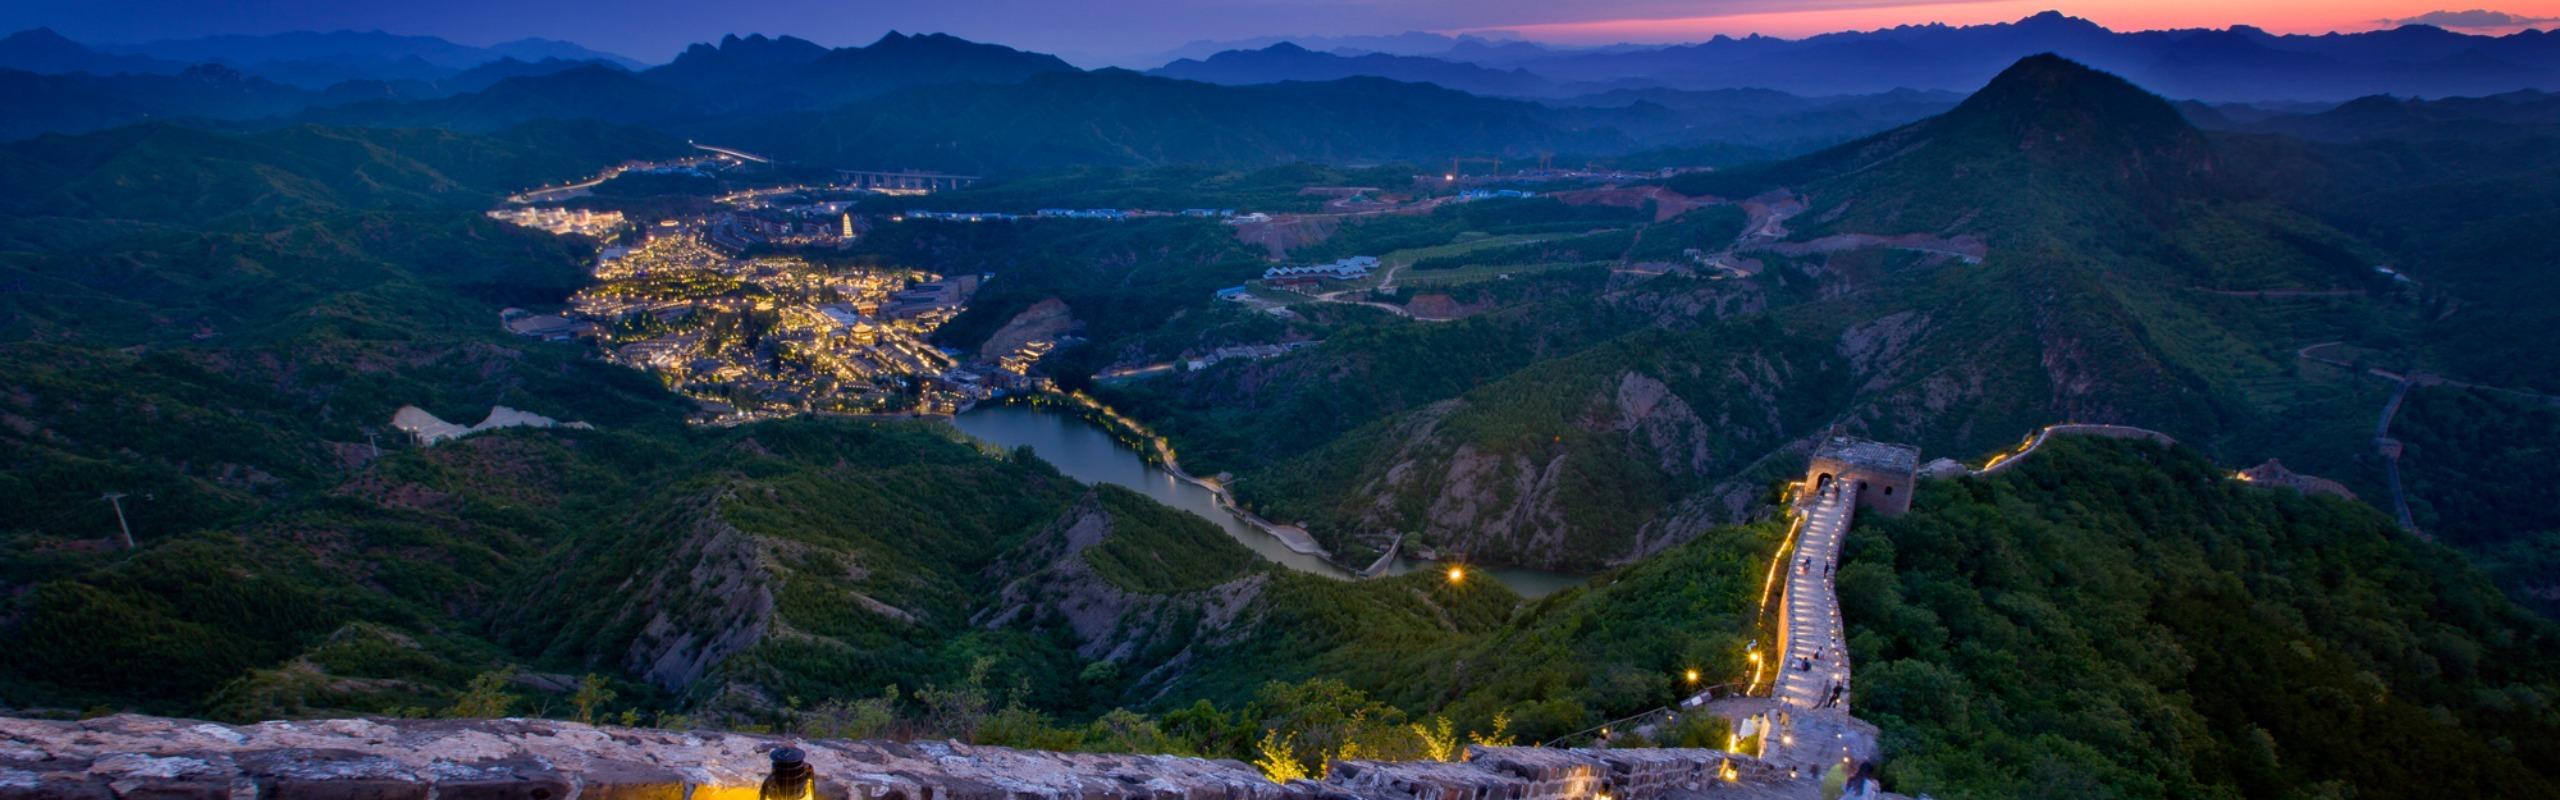 2-Day Great Wall Mutianyu-Simatai Day-Night Tour